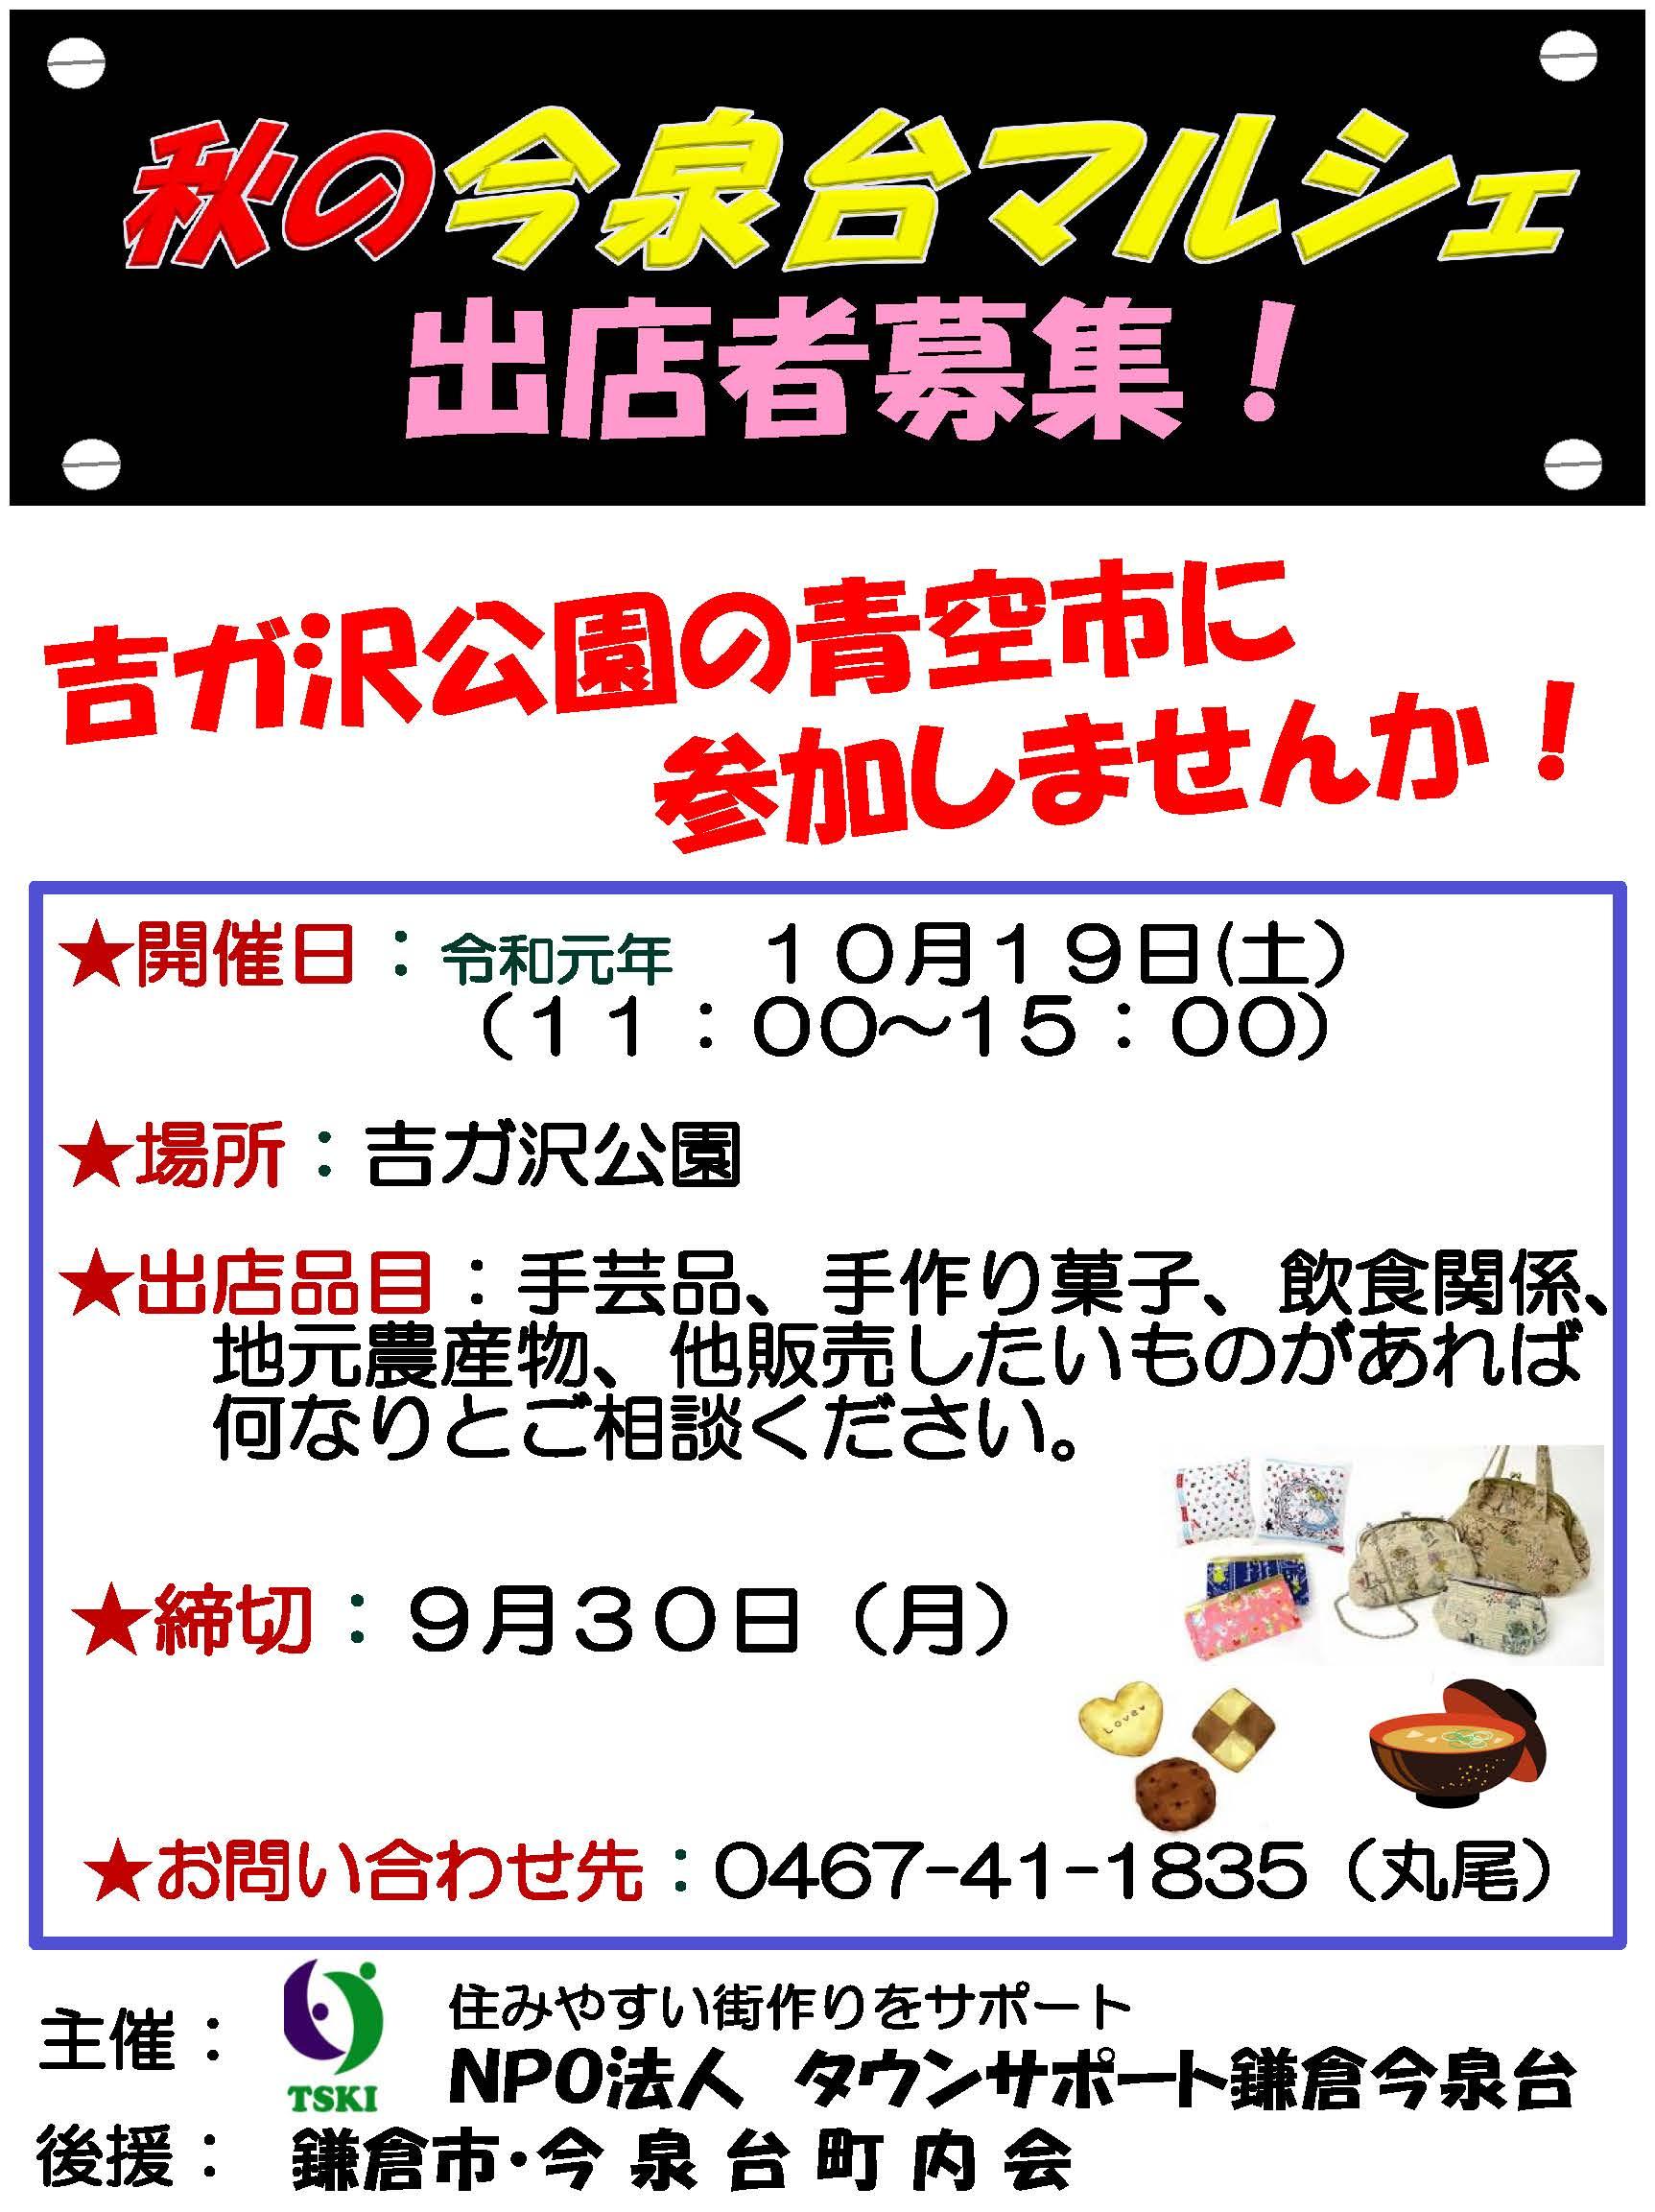 19.10マルシェ出店募集ポスター